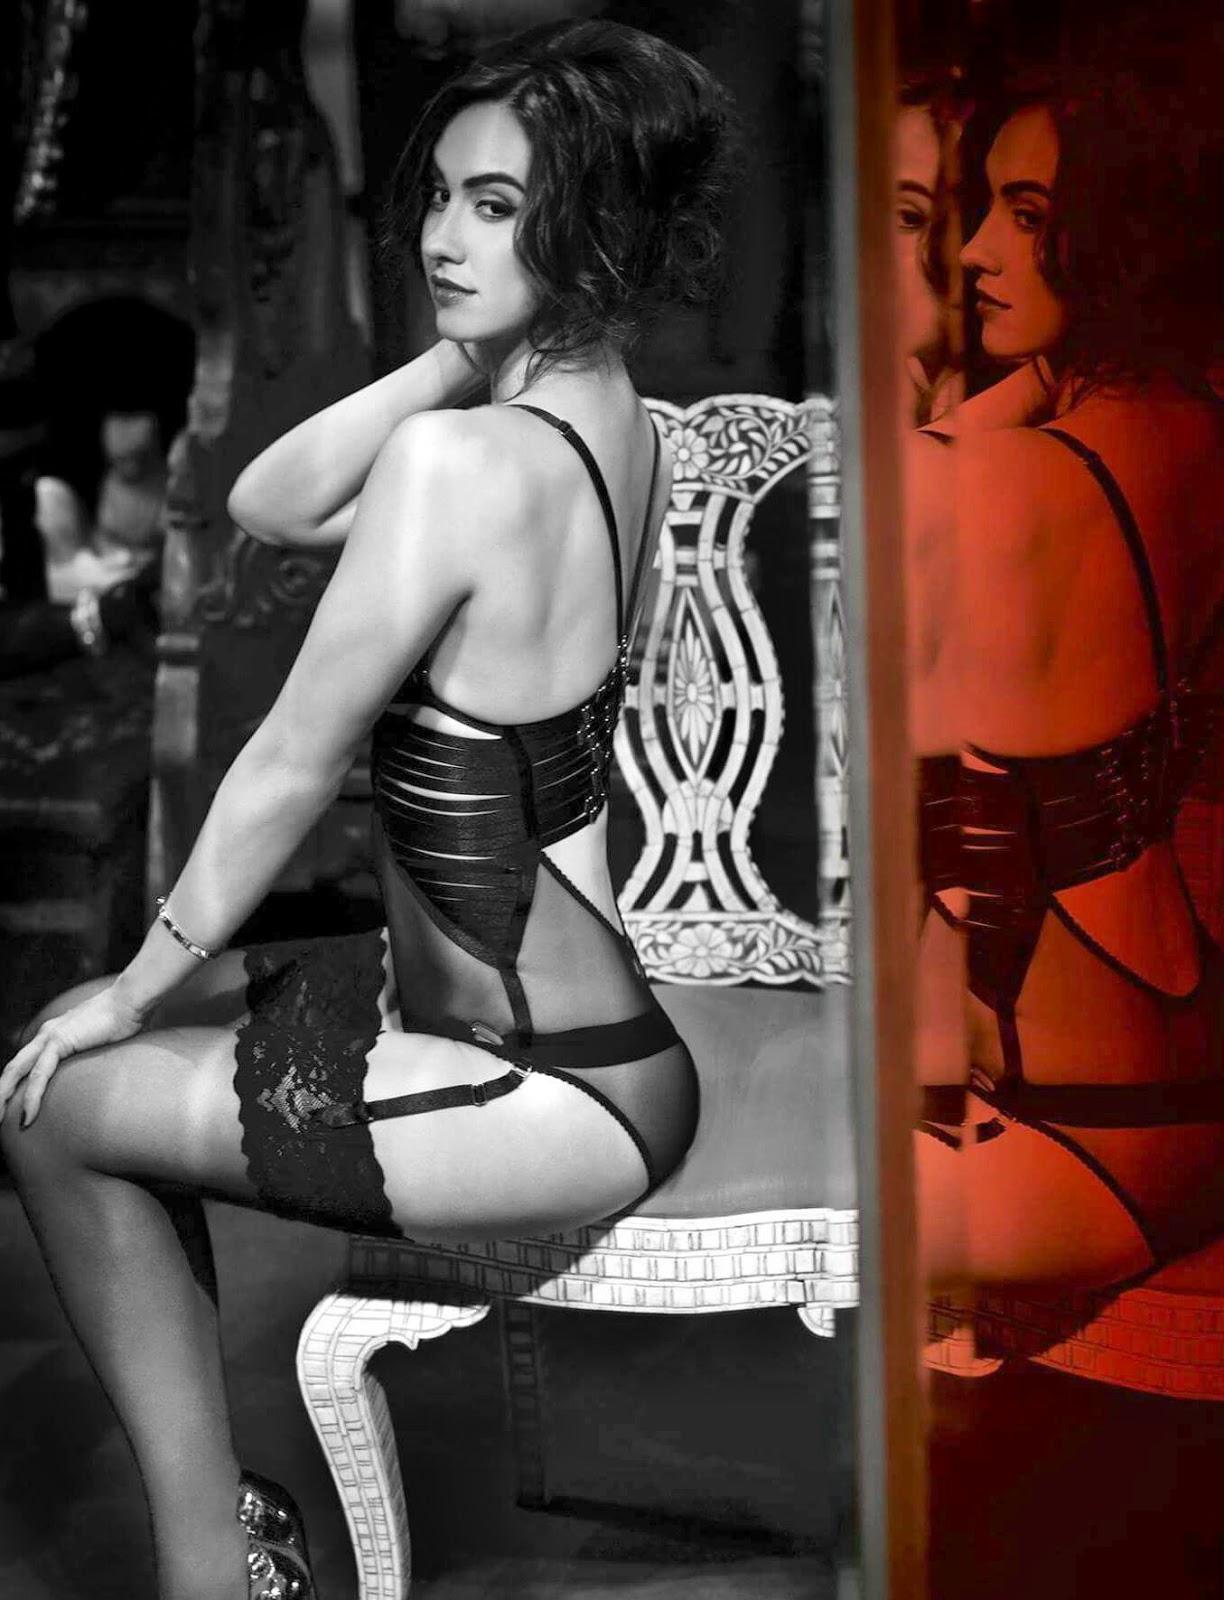 Lauren Gottlieb hot bikini photos hd gallery